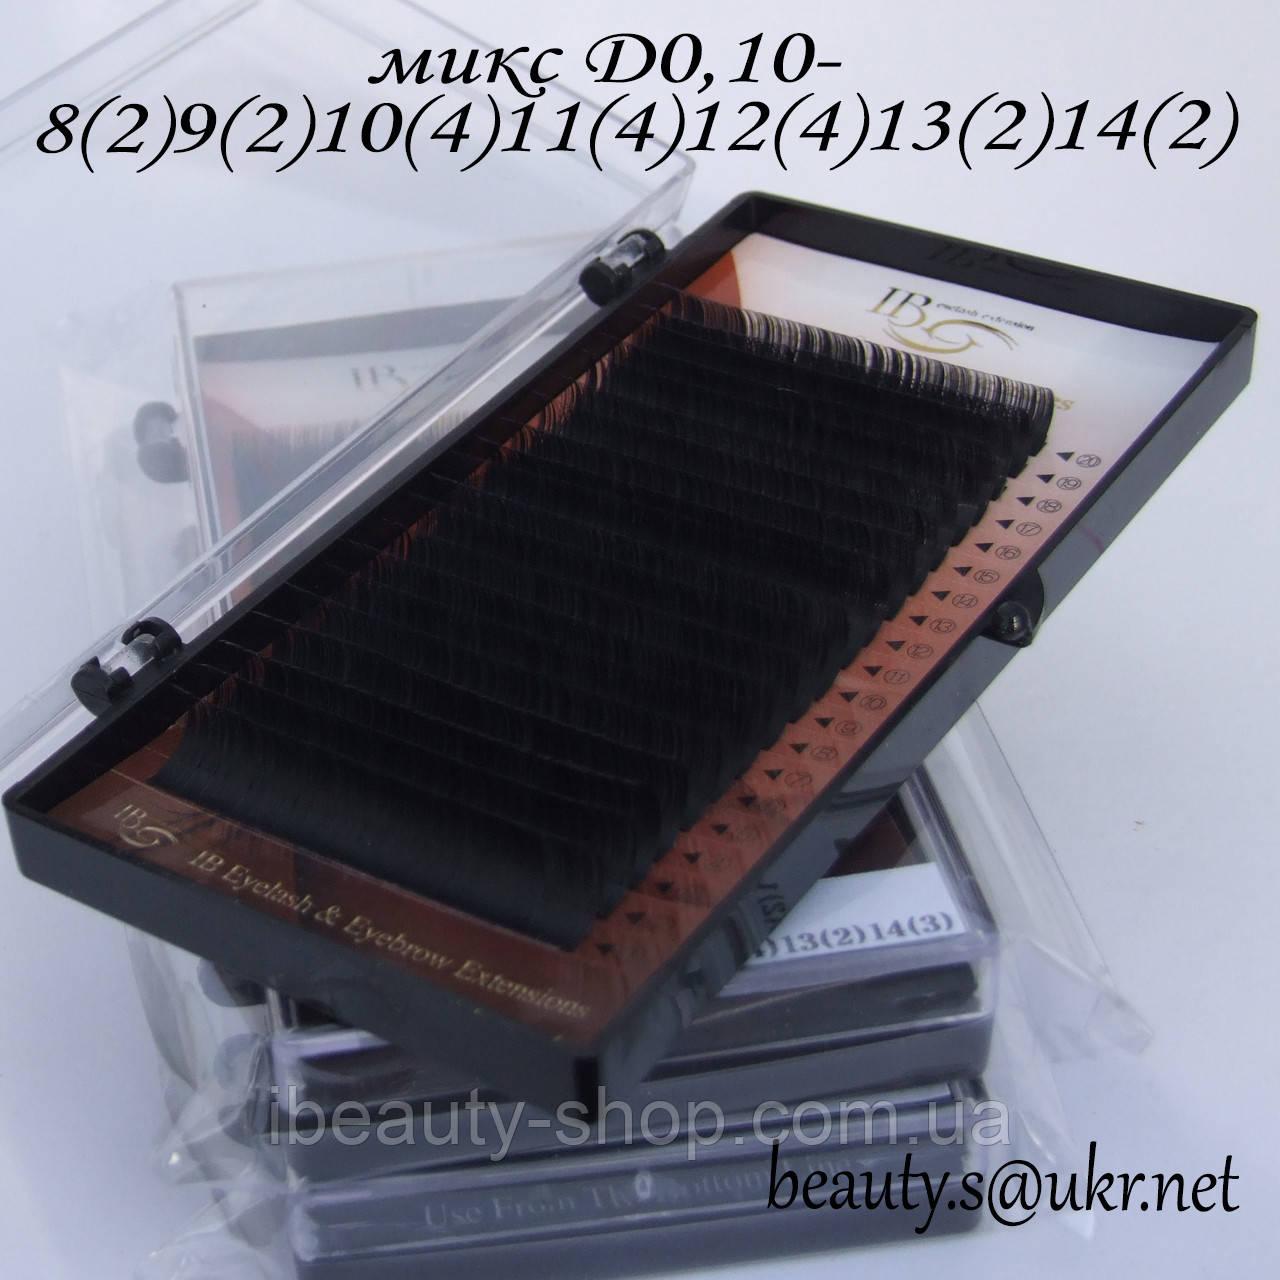 Ресницы I-Beauty микс D-0,10 8-14мм